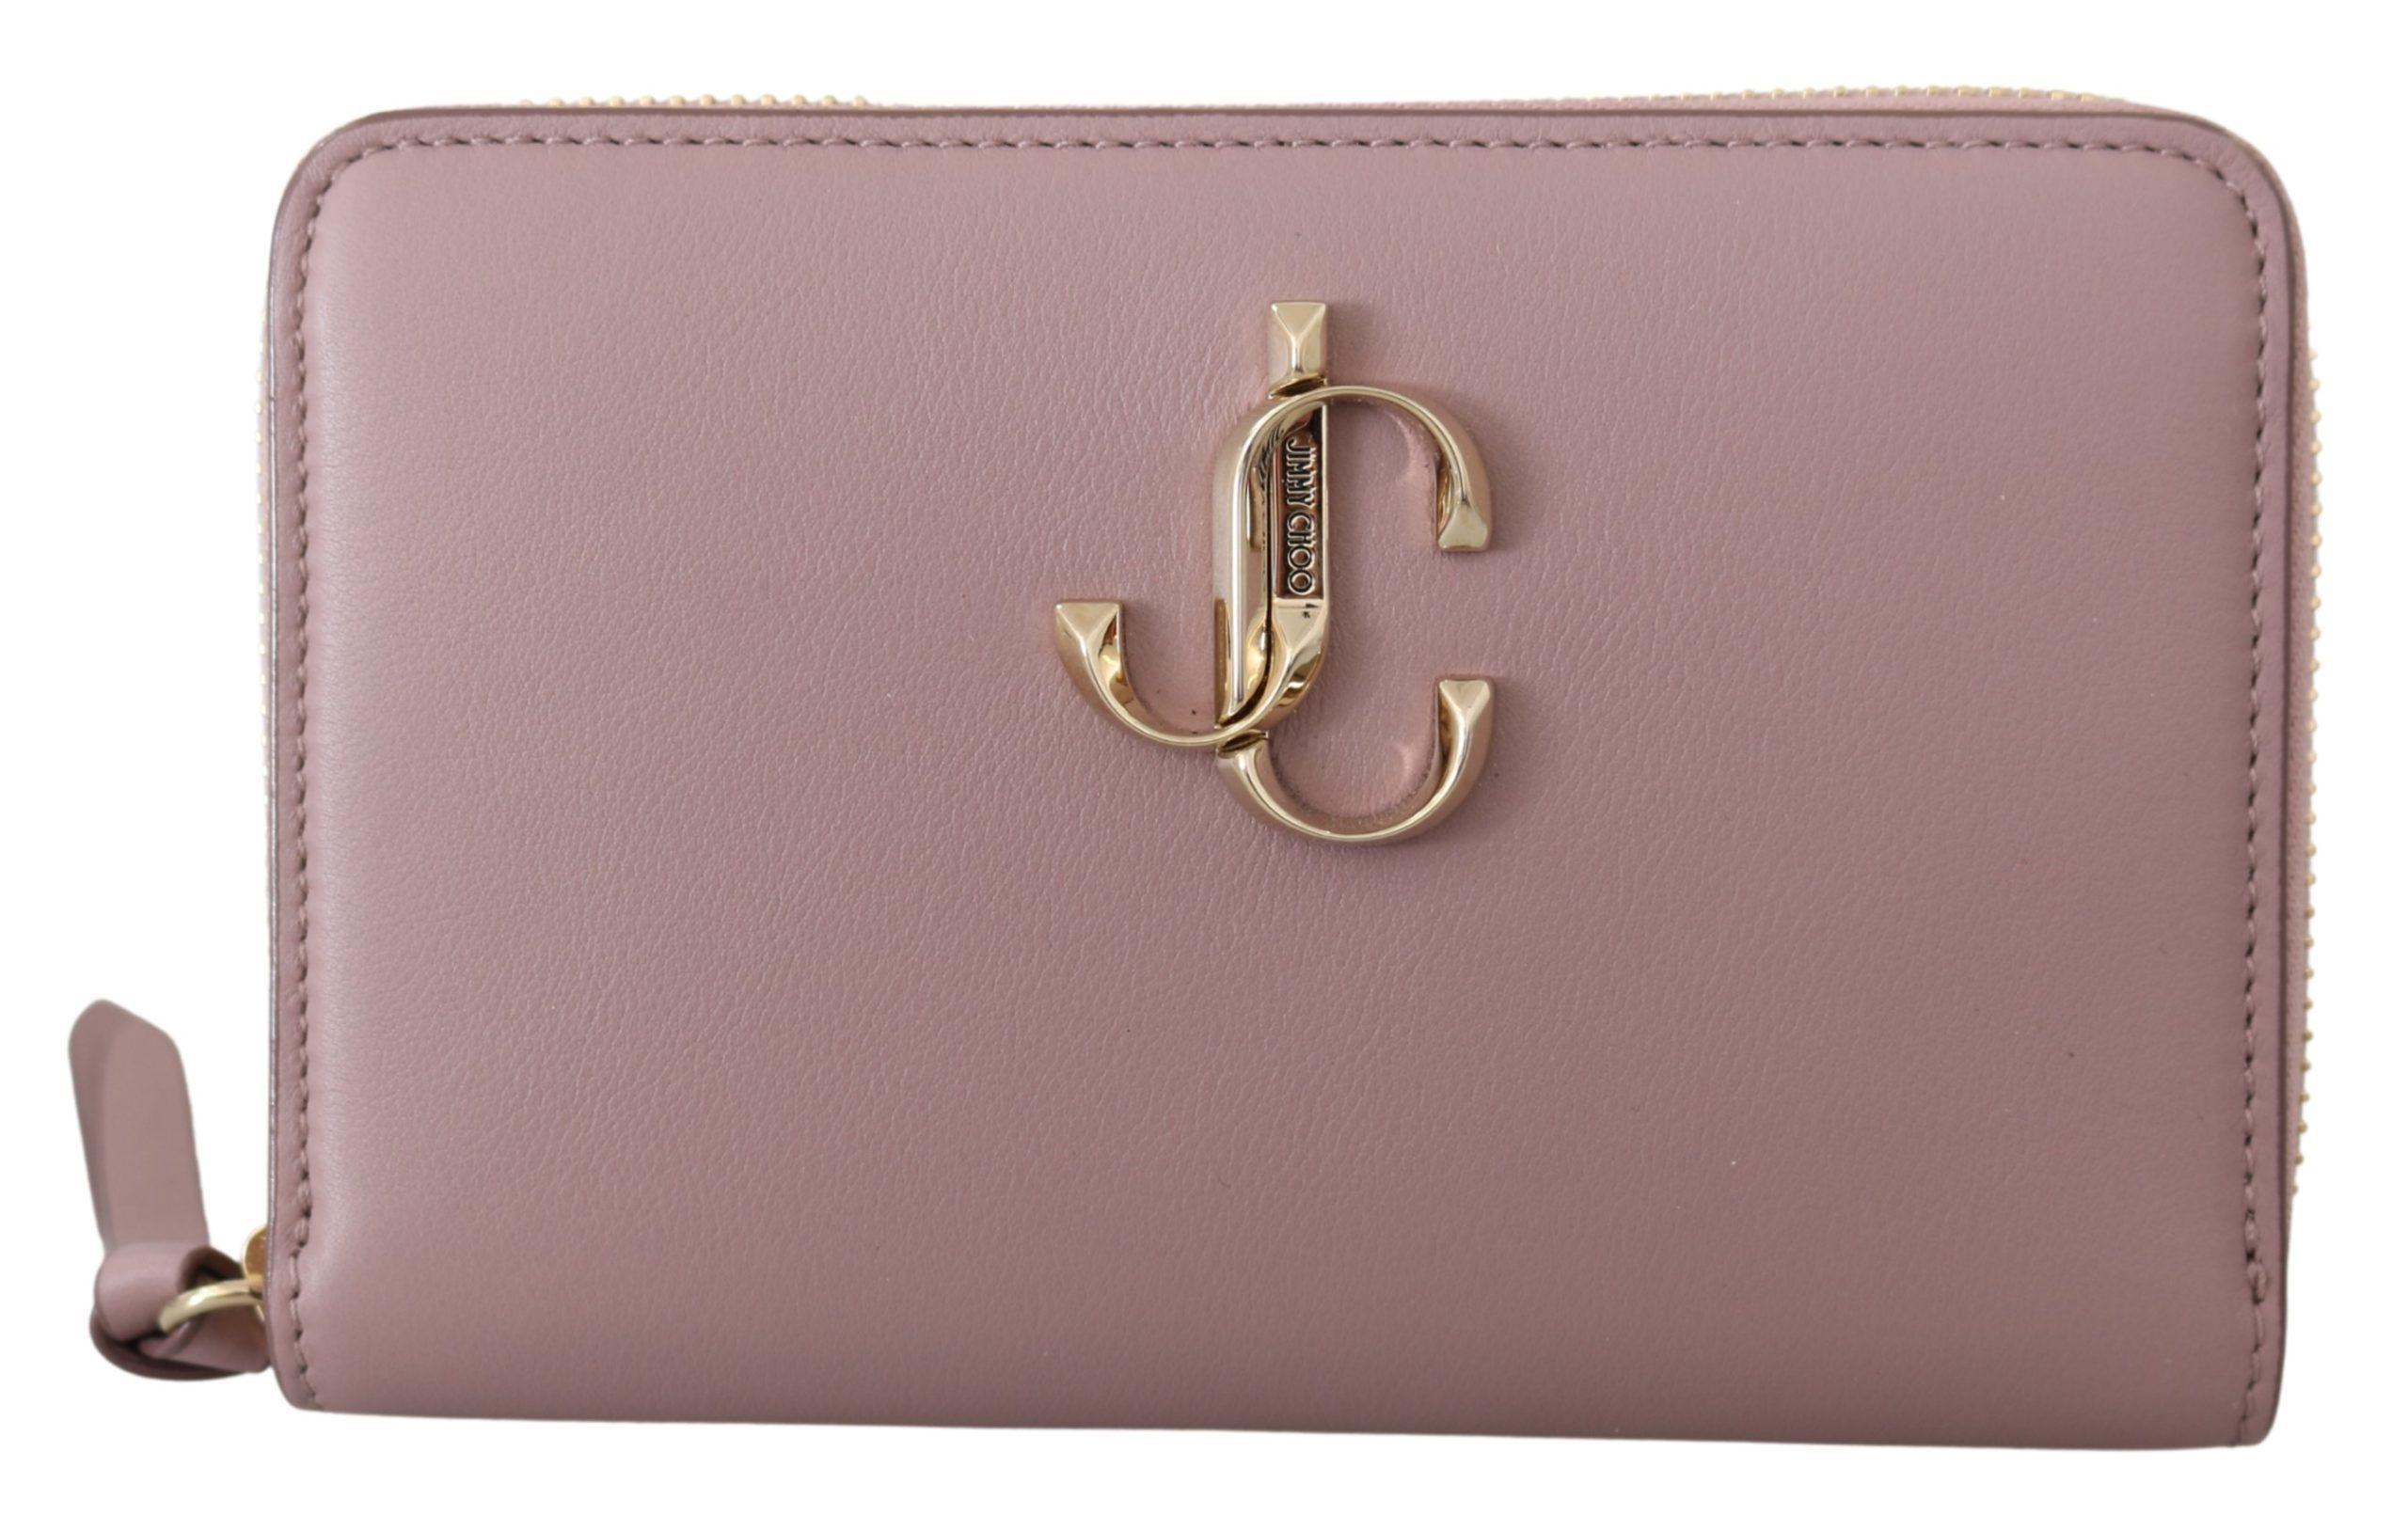 Jimmy Choo Women's Christie Wallet Powder Pink 1436118